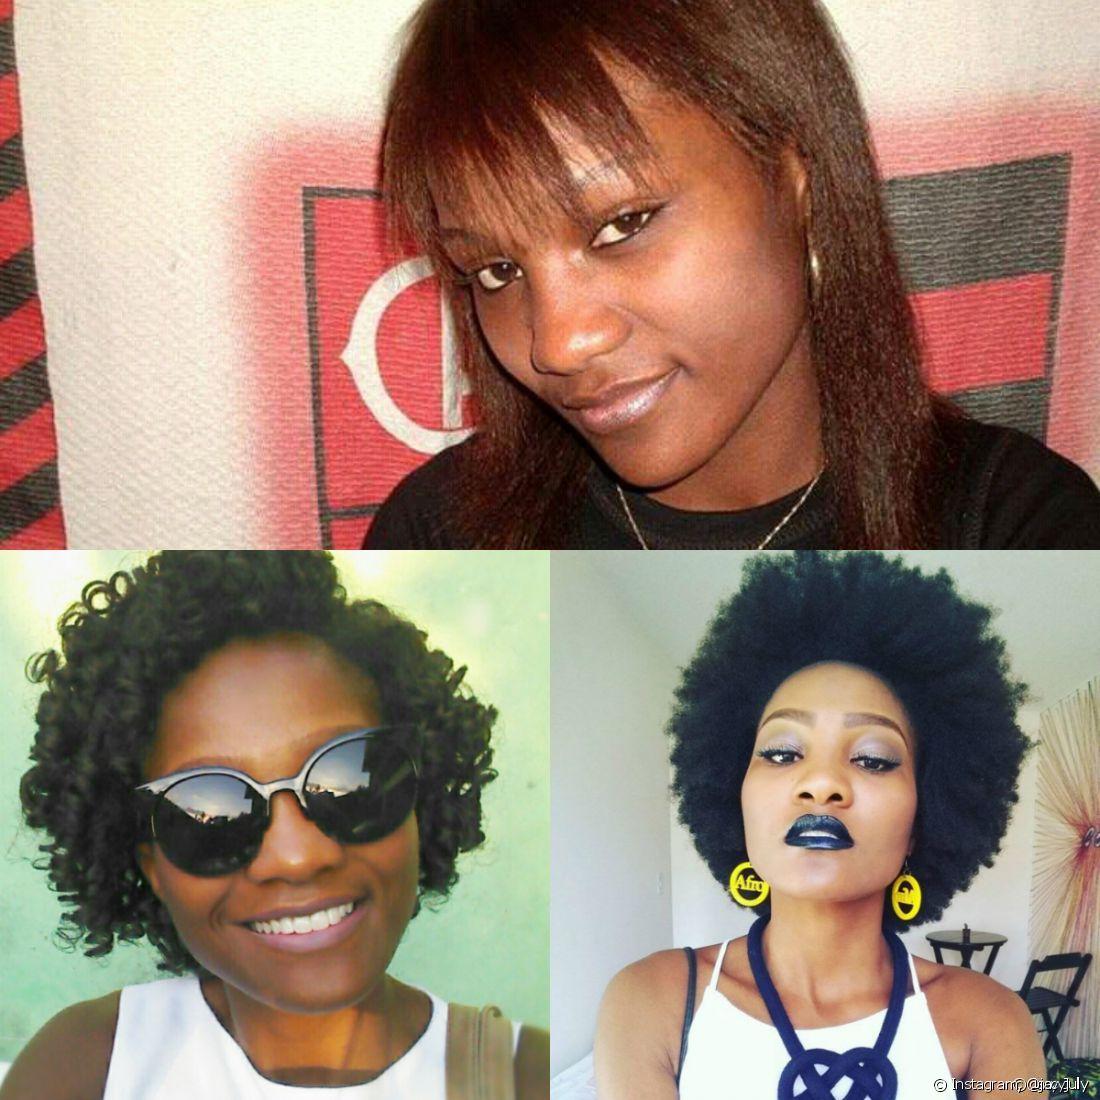 'A partir da transição capilar, resolvi criar um canal de vídeos (youtube.com/jacyjuly), onde ensino penteados afro, como tranças, turbantes e ensino as pessoas crespas a cuidarem de seus cabelos e a se sentirem bem consigo mesmas', contou Jacy July